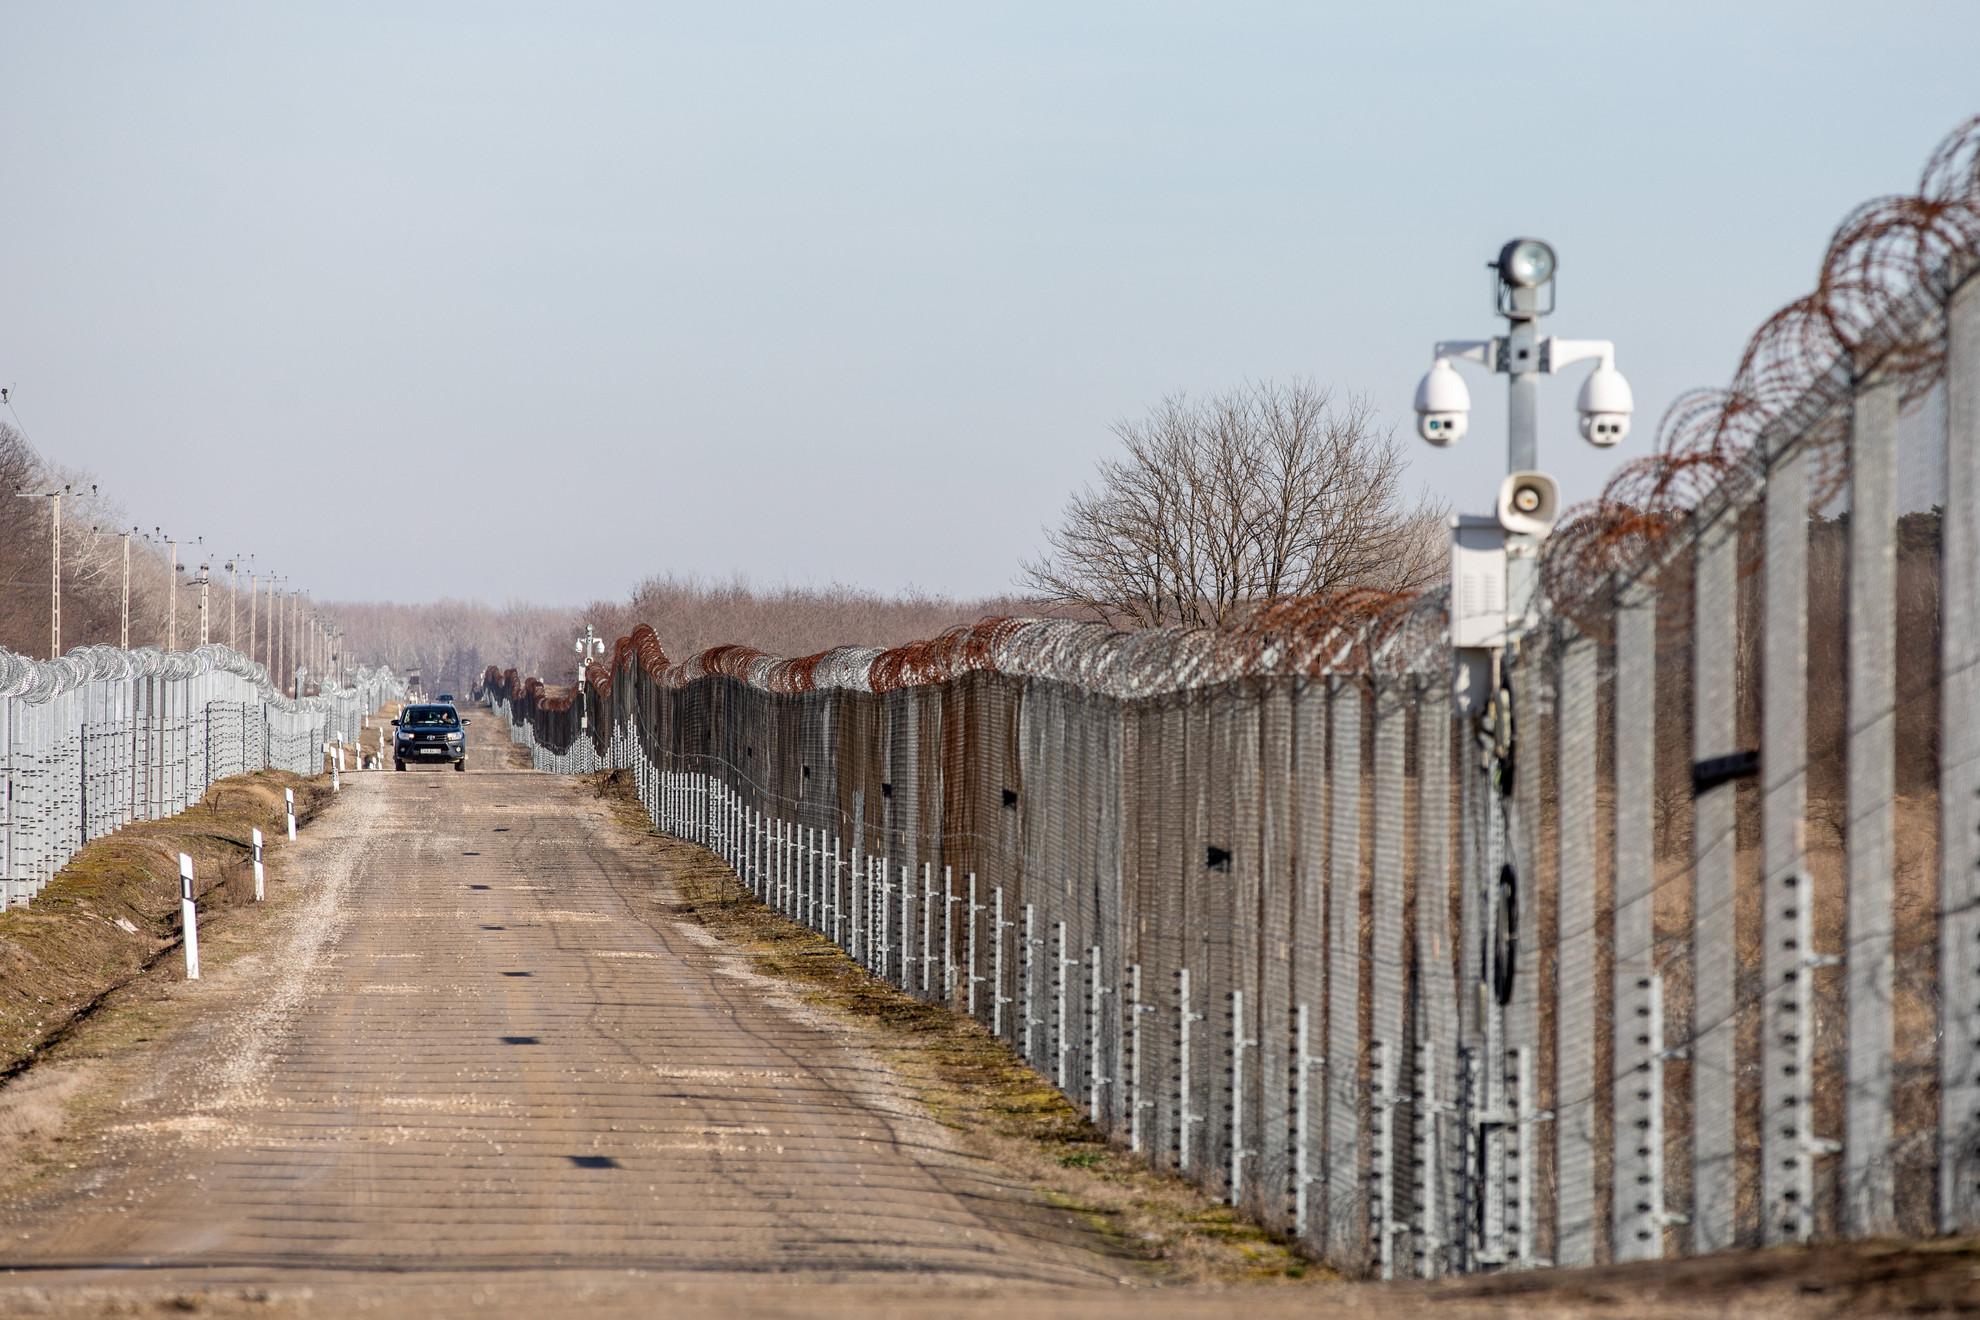 Járőrautó az ideiglenes biztonsági határzárnál, a kelebiai határvédelmi bázis közelében 2021. január 21-én